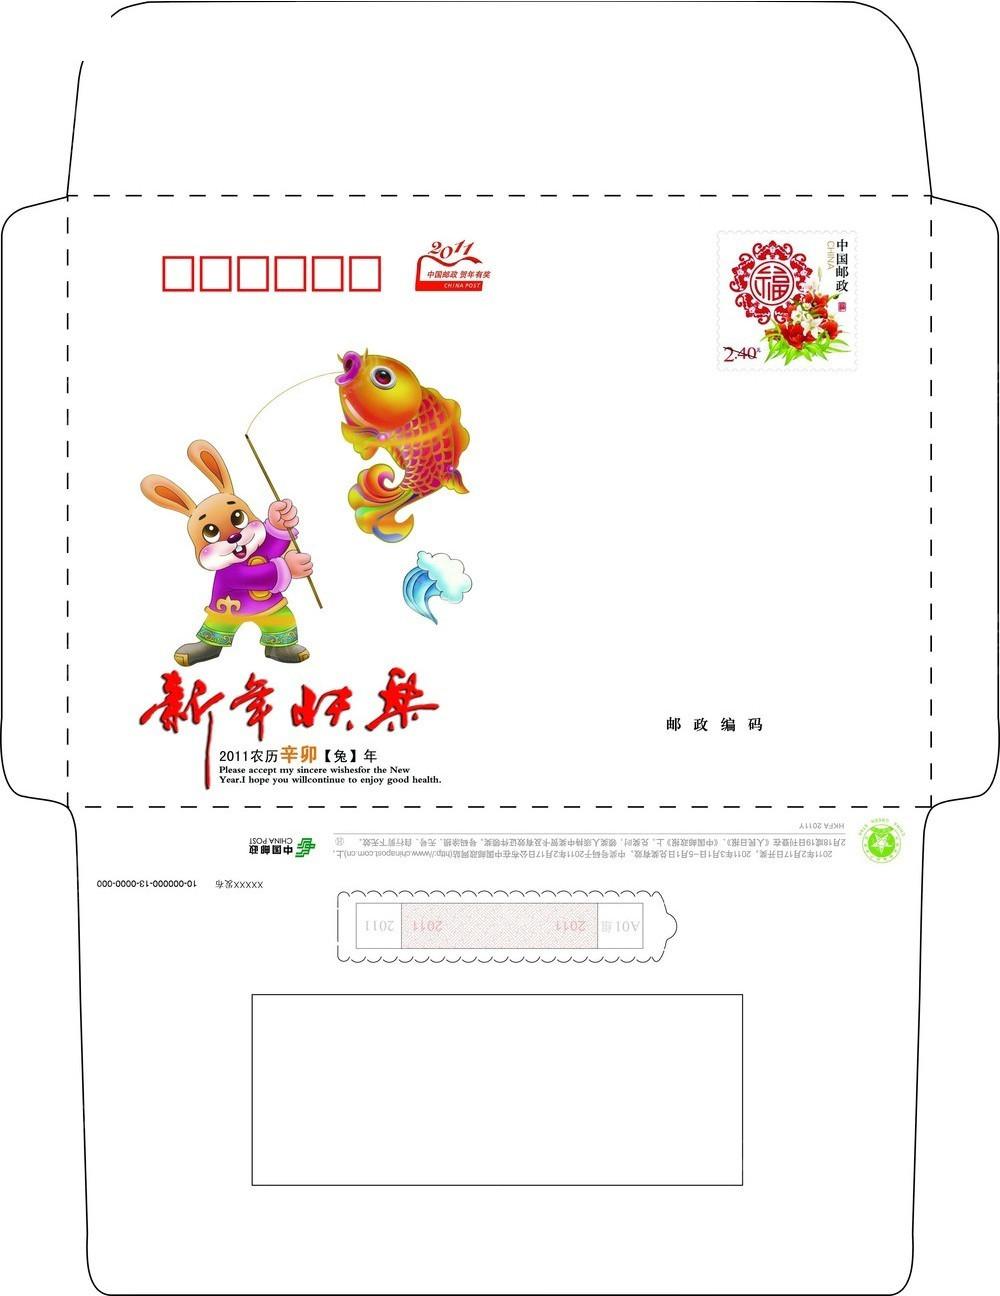 邮政信封设计psd素材免费下载_红动网